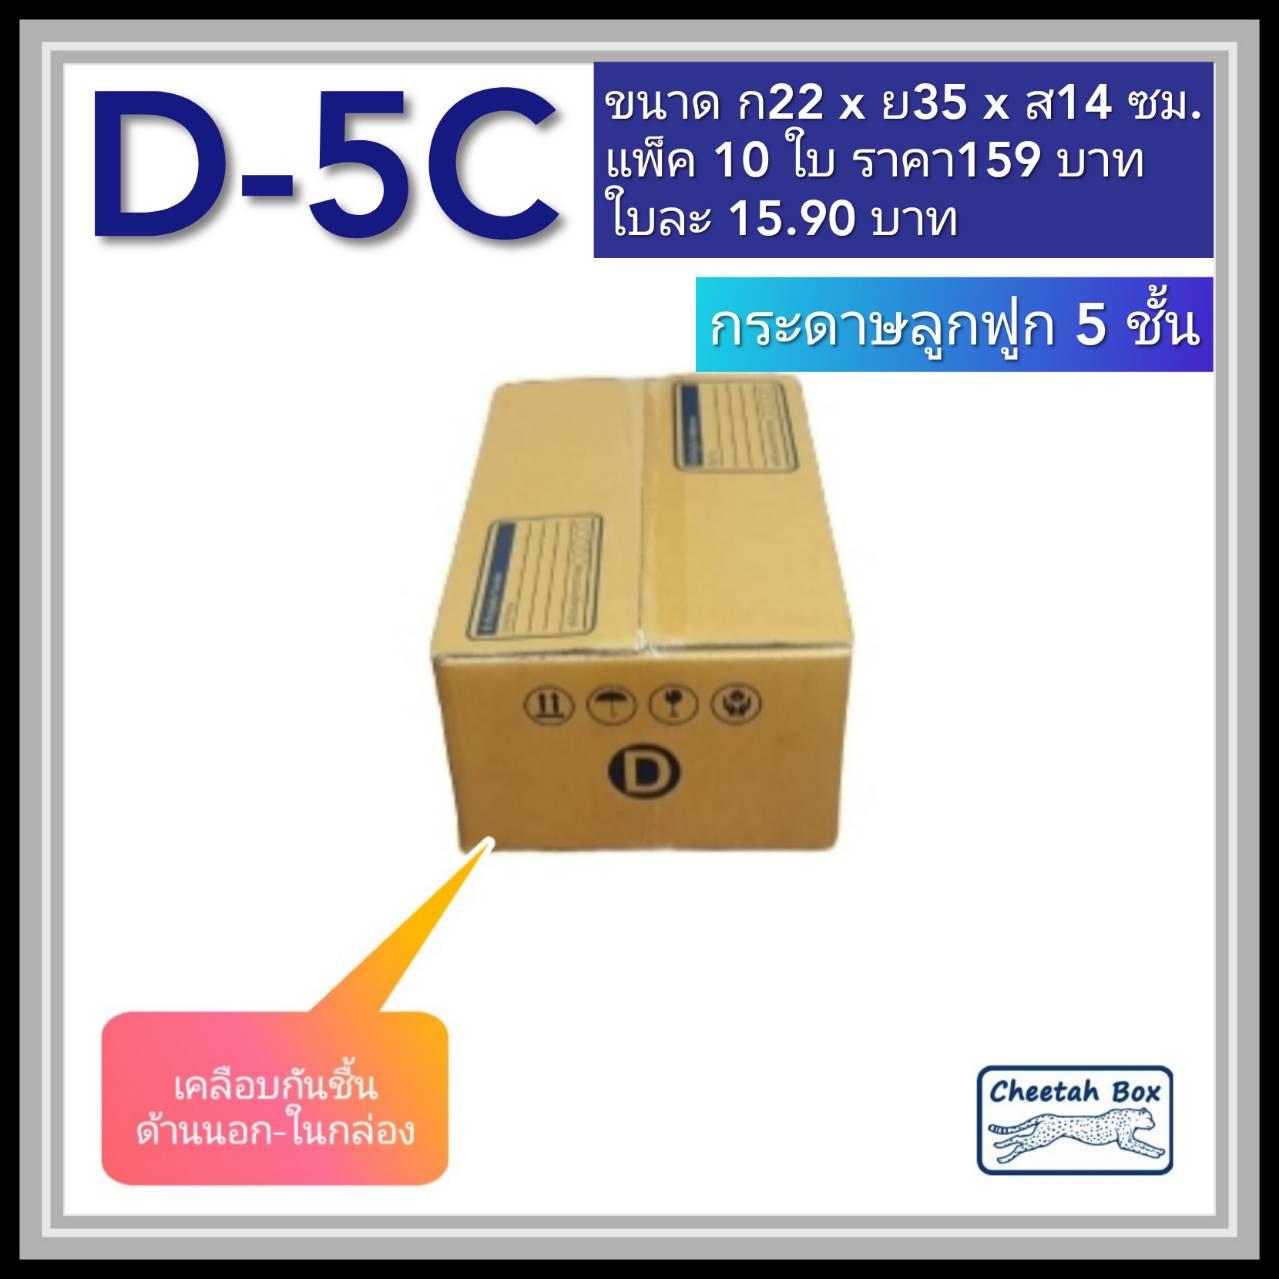 กล่องลูกฟูก 5 ชั้น รหัส D-5C เคลือบกันชื้น (Cheetah Box ขนาด 22*35*14 CM)